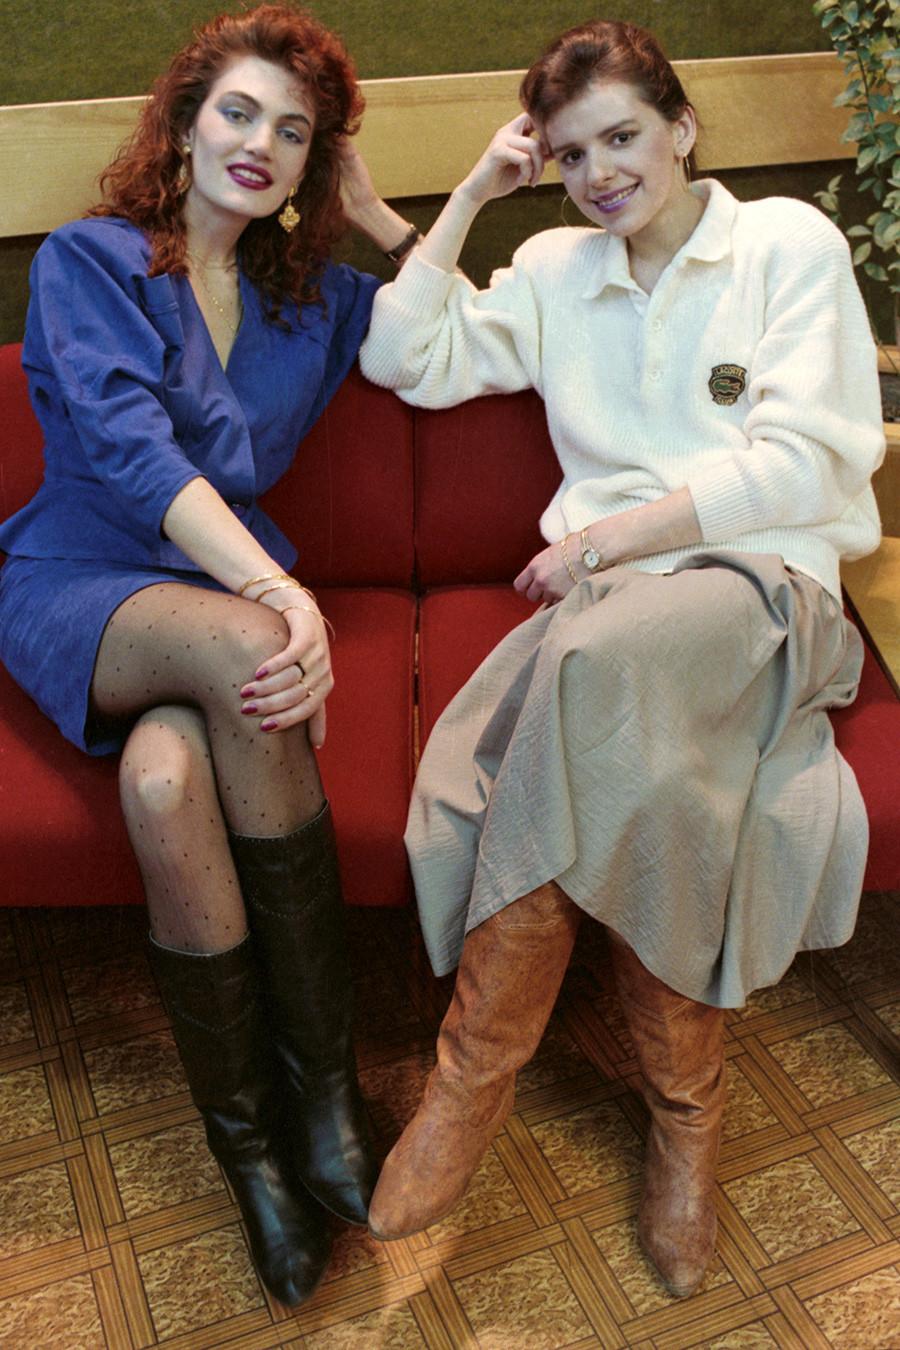 Direktorica Olga Schneibel in menedžerka Elena Alimova iz modne agencije Matrena.